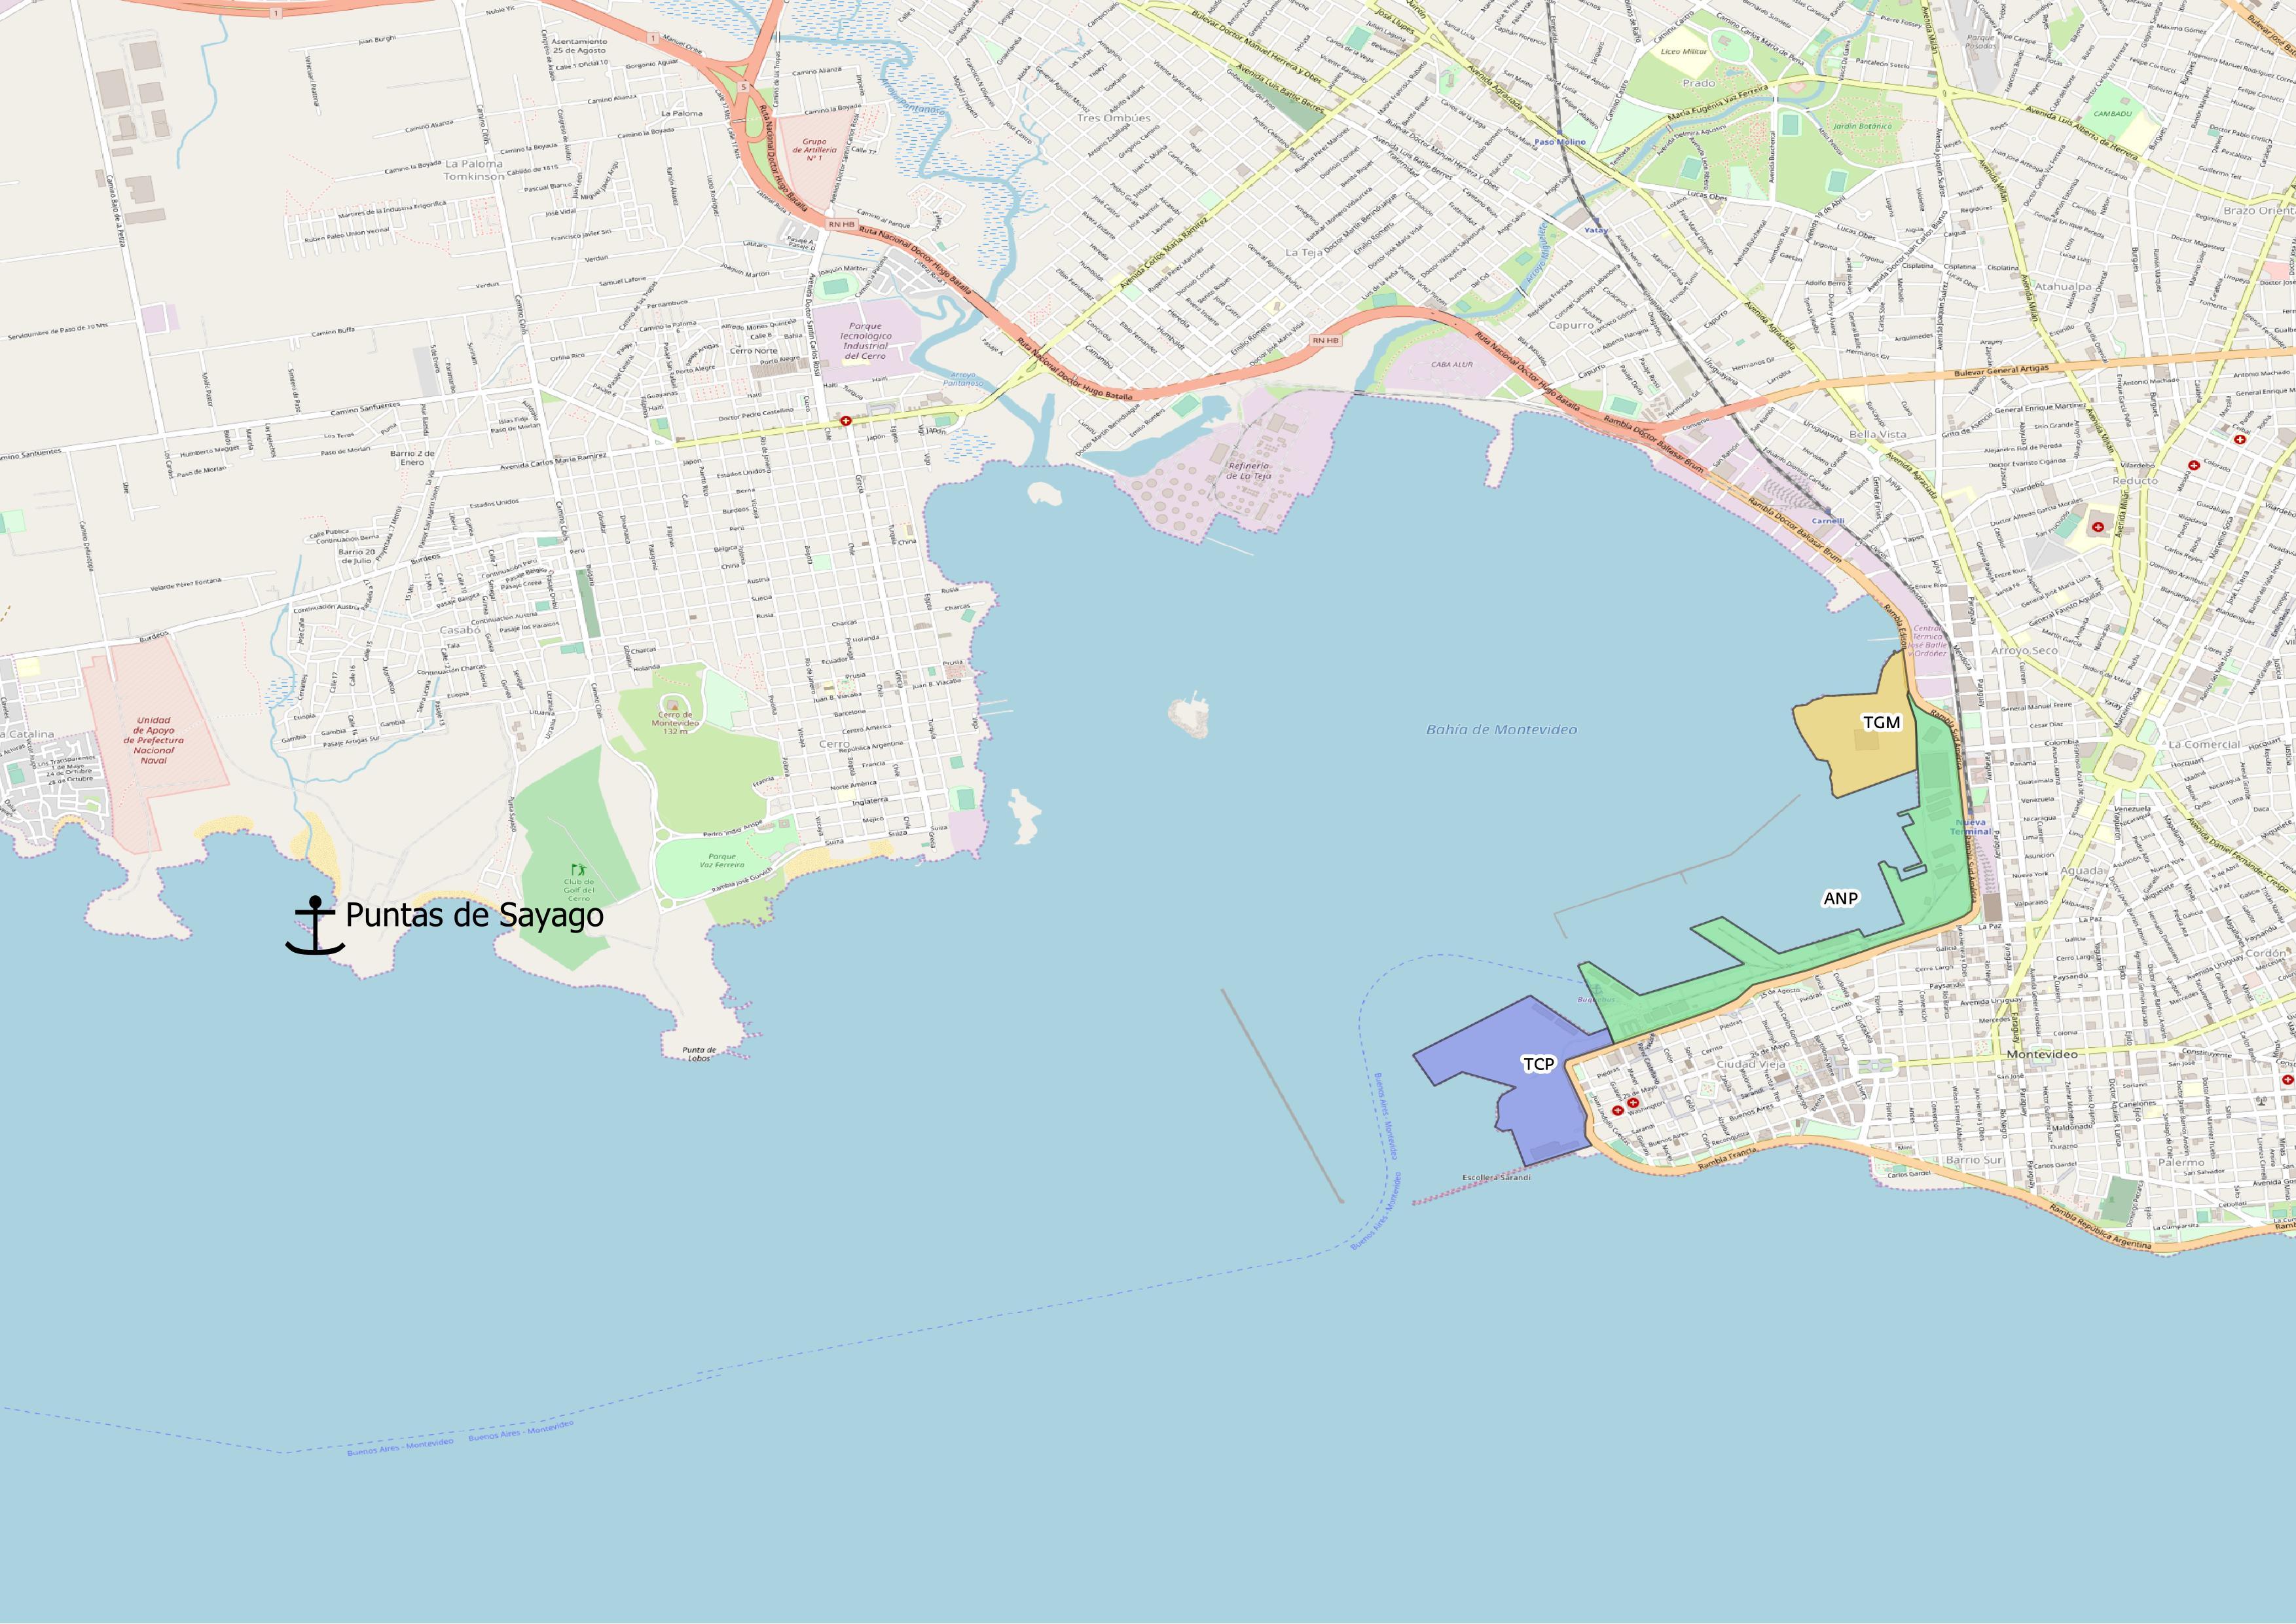 puntas de sayago y terminales de Montevideo